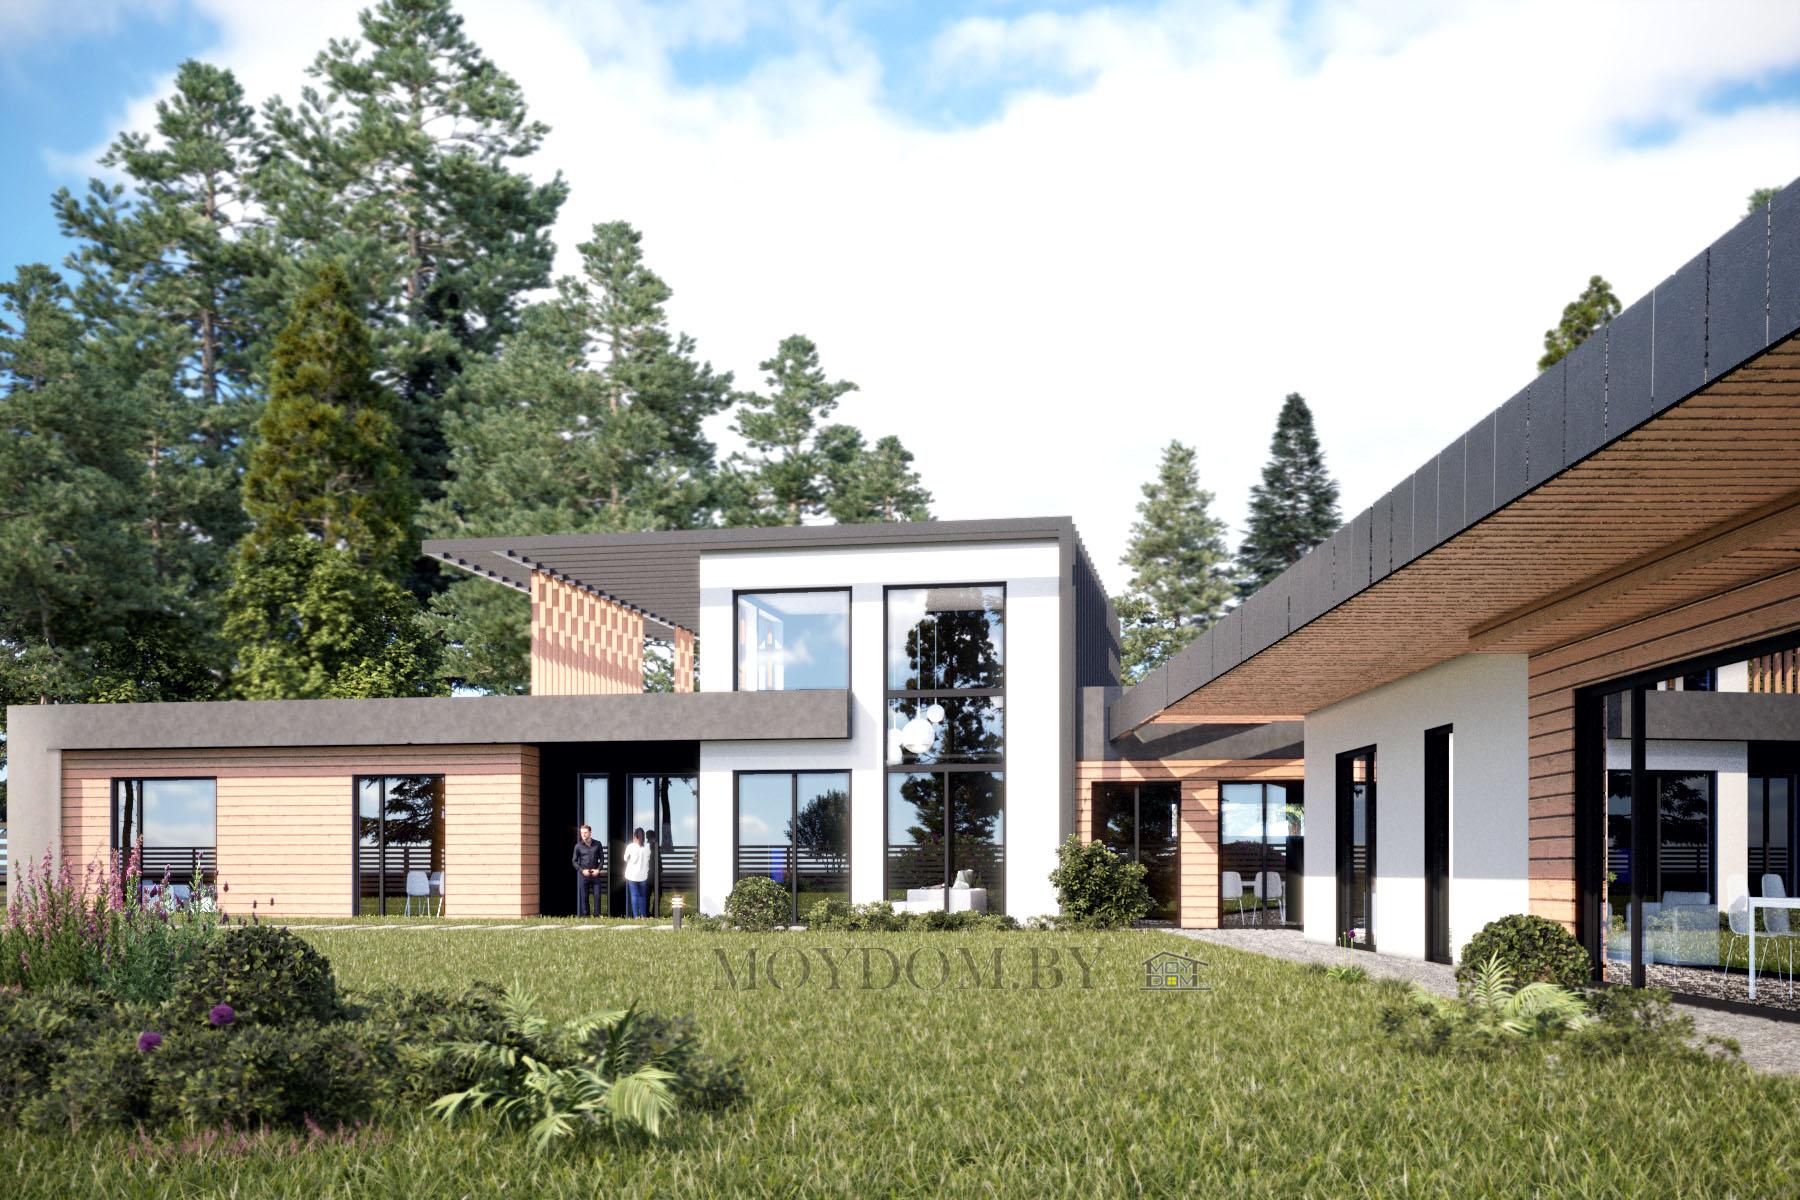 фото проекта одноэтажного дома 909  со вторым светом на две машины плоской крышей четырьмя спальнями